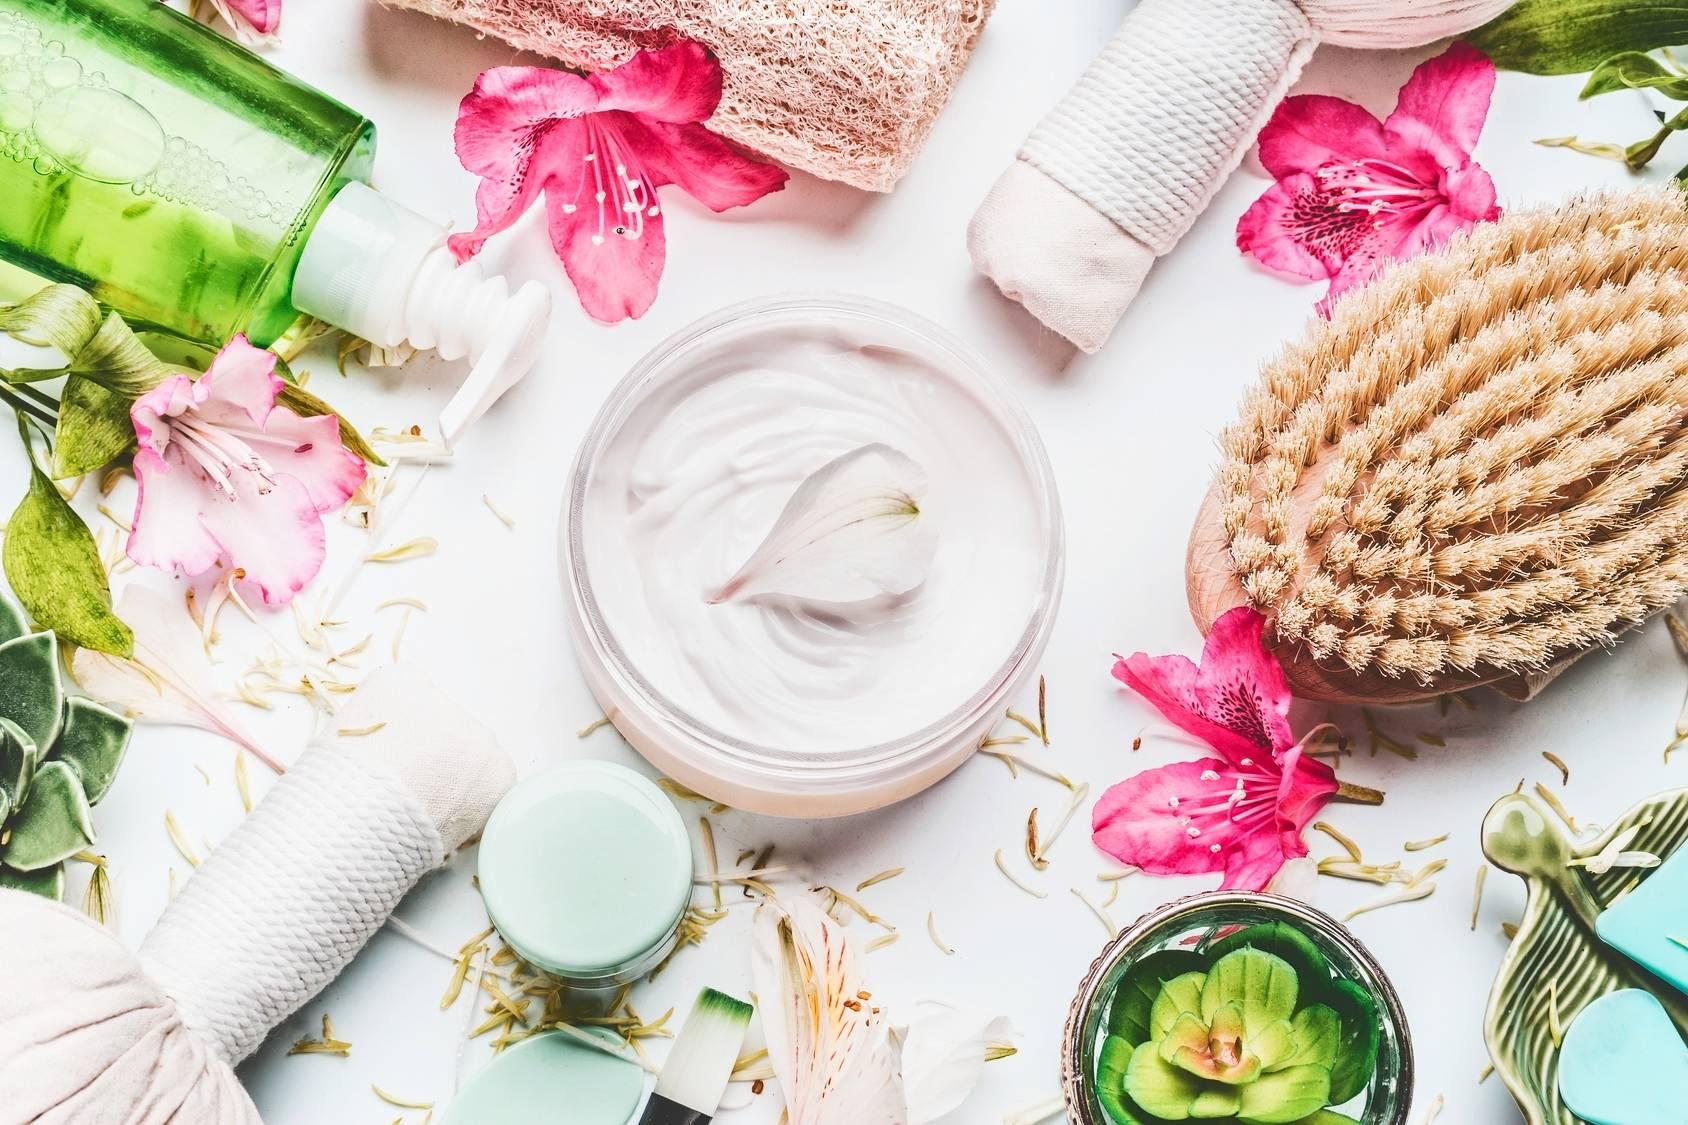 Czy kosmetyki są szkodliwe? Jakie substancje mogą wywoływać alergie skórne?